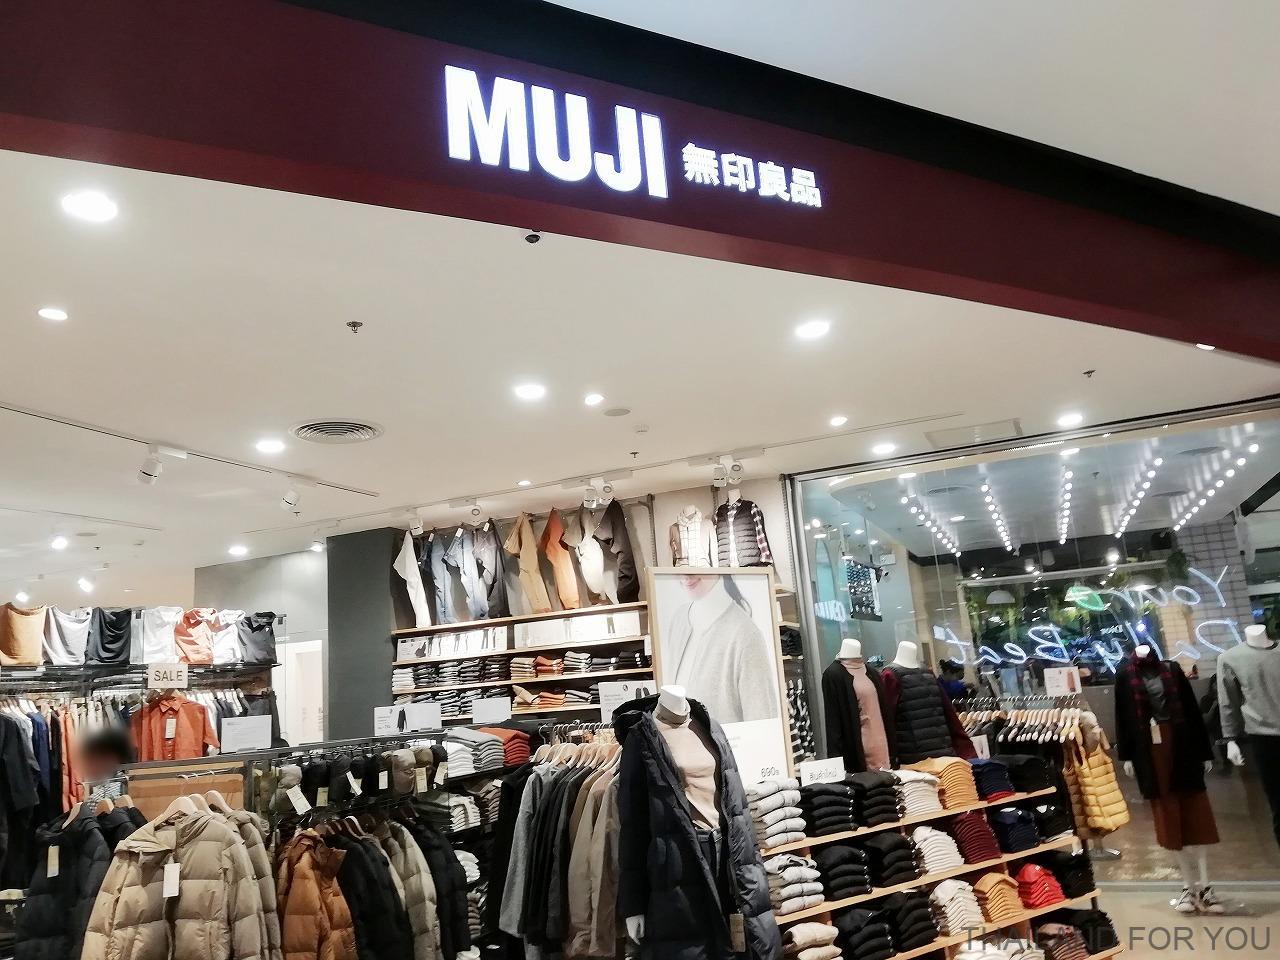 ハーイェーク・ラップラオ駅 BTS 延伸 セントラルプラザ 無印良品 MUJI